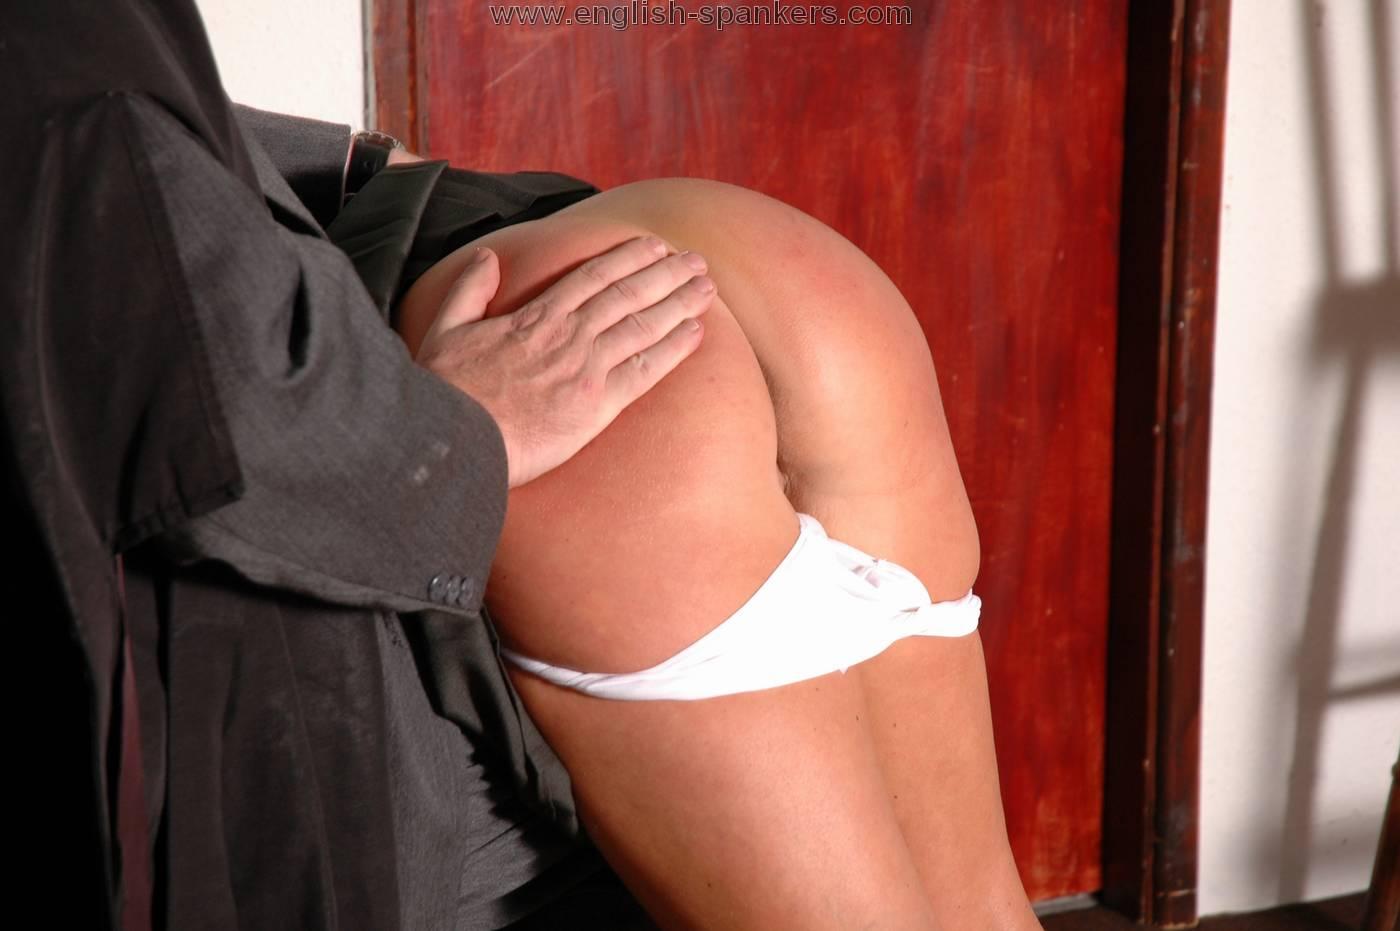 English spanking emily jane something